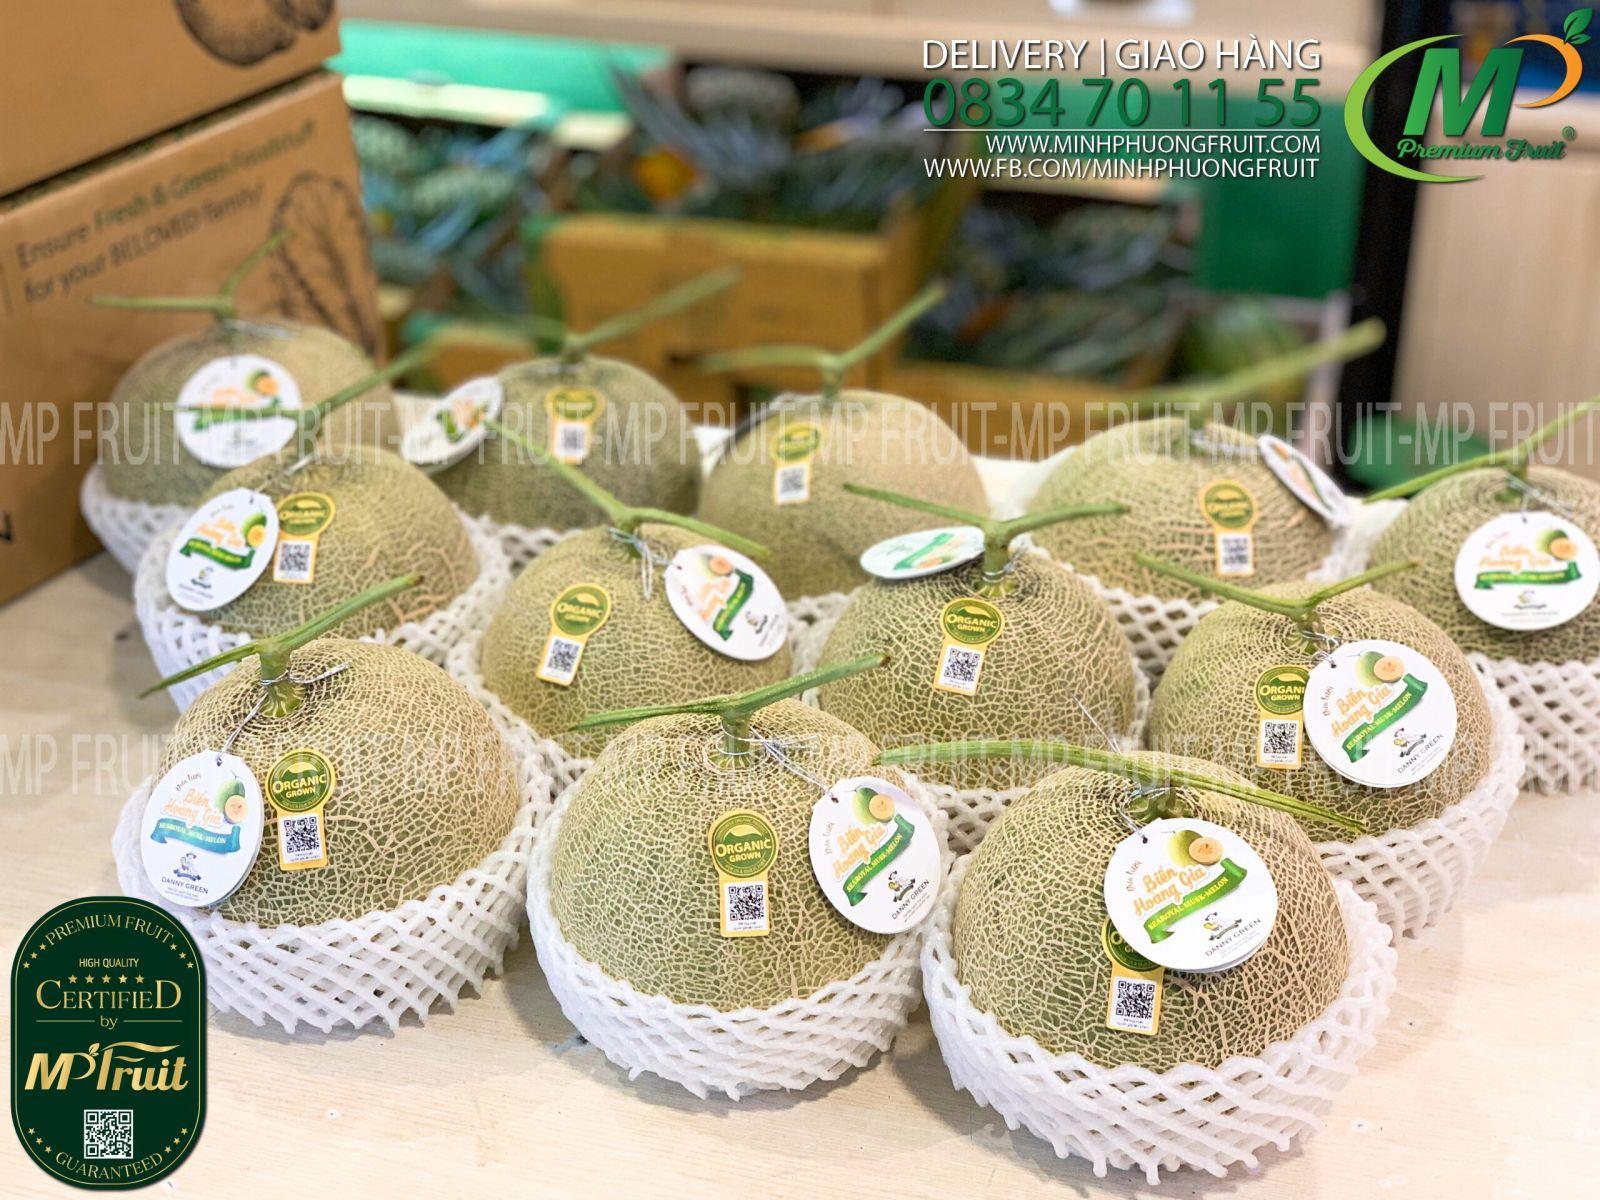 Dưa Lưới Nhật Taki Biển Hoàng Gia Organic - SeaRoyal Musk Melon Danny Green tại MP Fruits